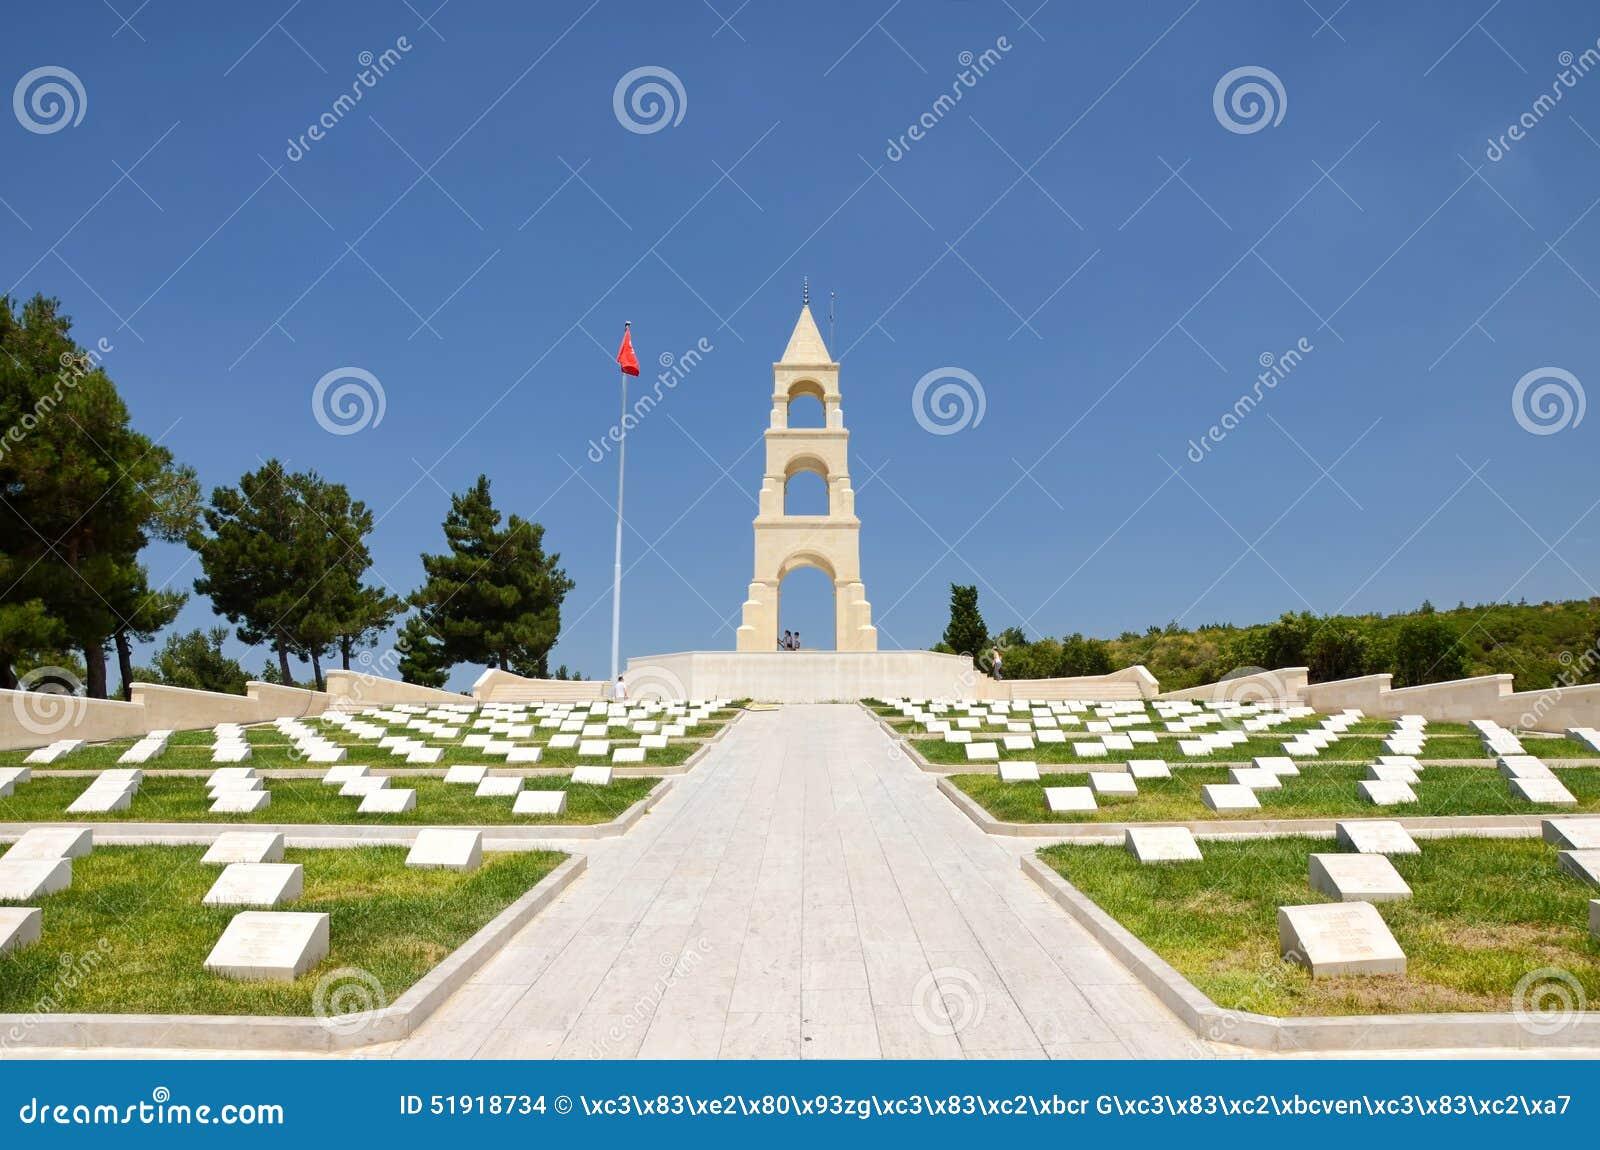 Martiri commemorativi per il cinquantasettesimo reggimento di fanteria, Canakkale, Turchia